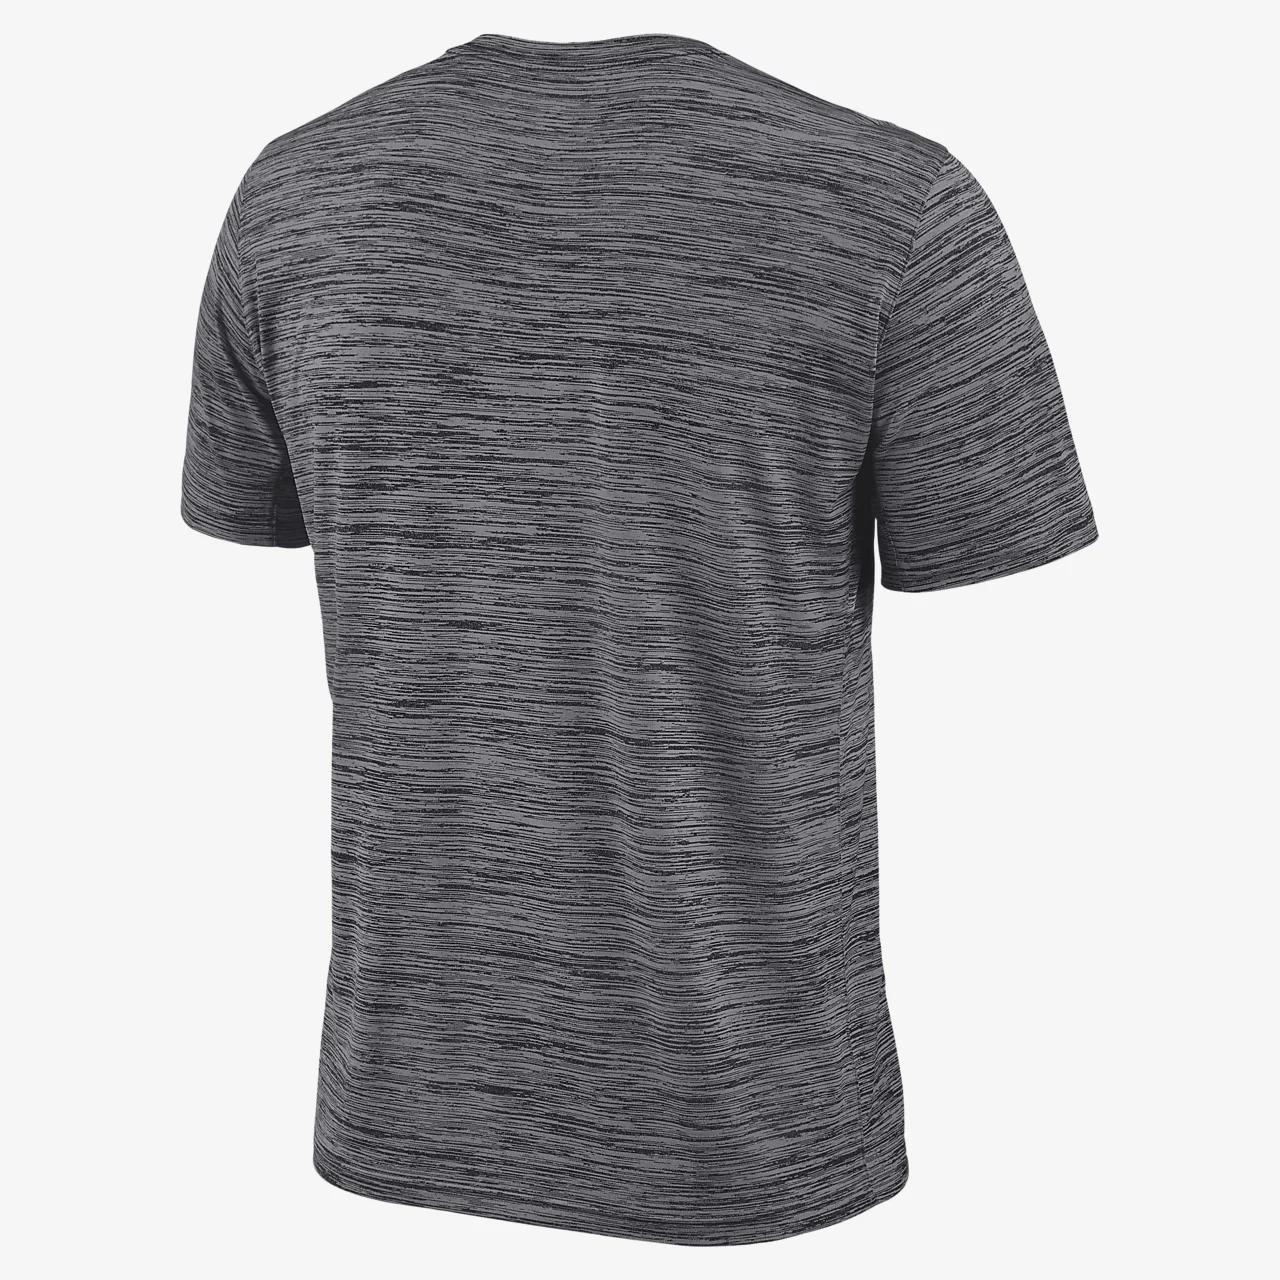 나이키 칼리지 드라이핏 벨로시티 (클렘슨) 남성 티셔츠 CT7592-021